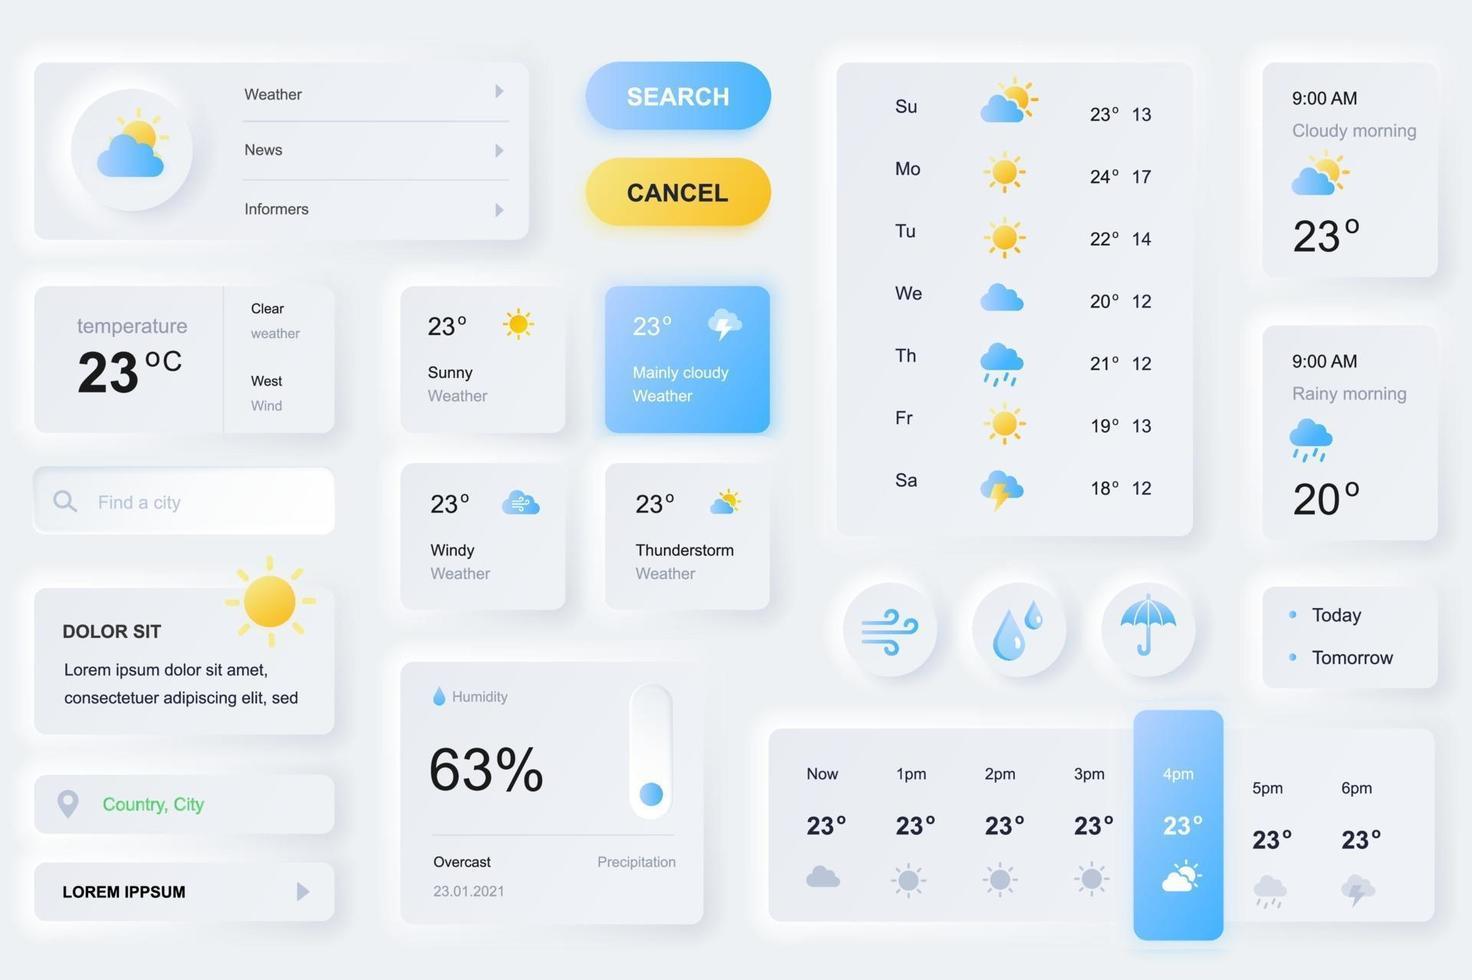 Elemente der Benutzeroberfläche für die Wettervorhersage-App neumorphic Design UI-Elemente Vorlage vektor